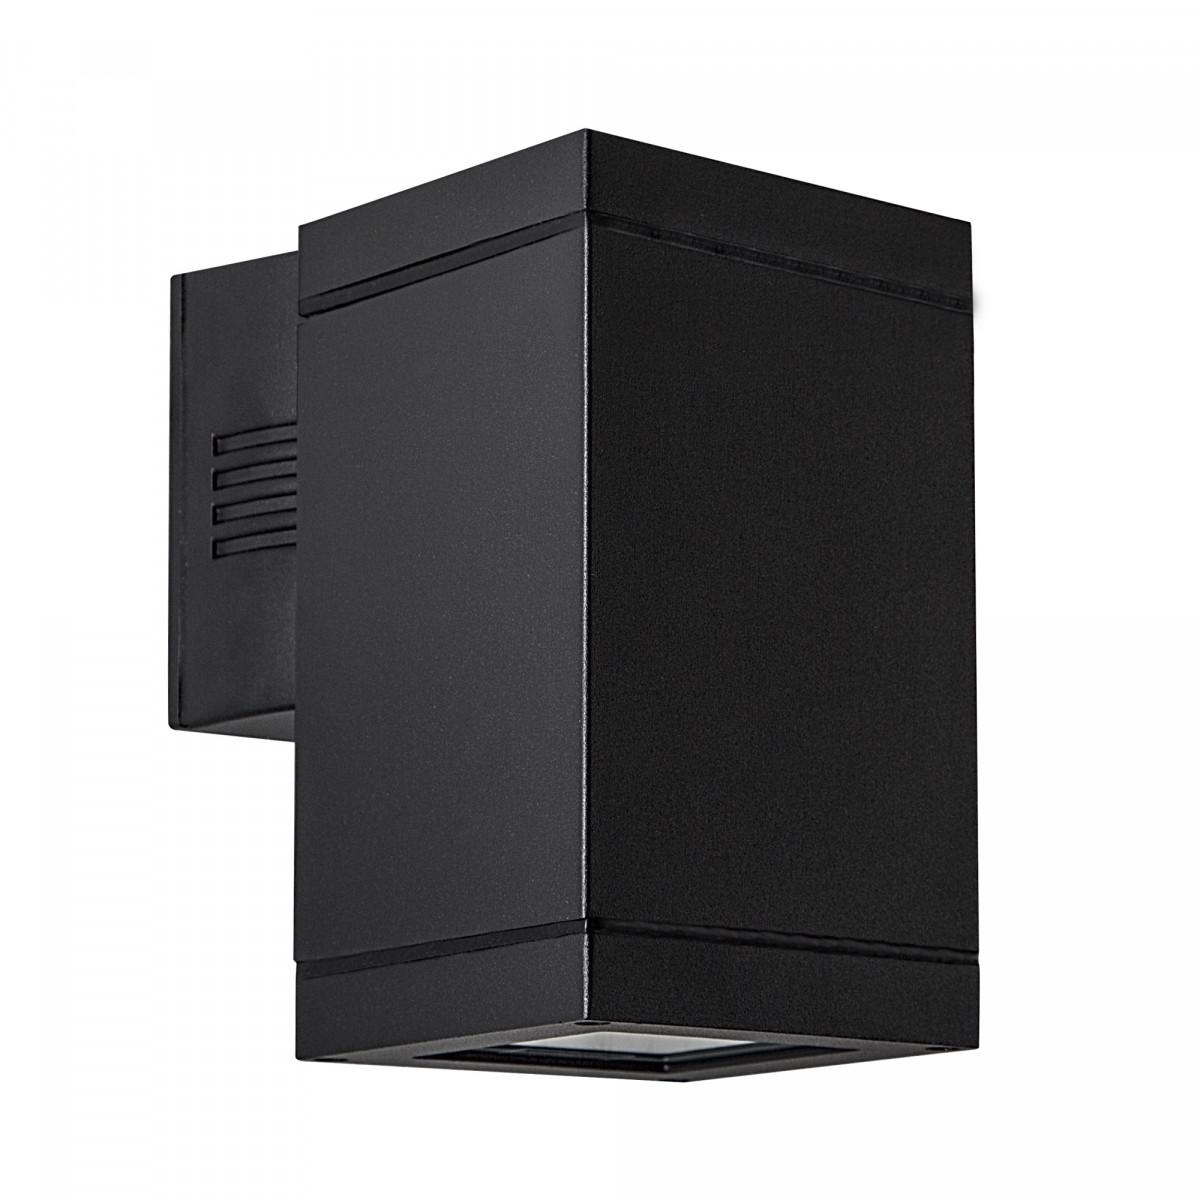 Moderne wandverlichting, KS wandspot Solid XL Down, downlighter, gevelspot, kubus vorm, aluminium met een stijlvolle krachtige zwarte finish, KS kwaliteitsverlichting